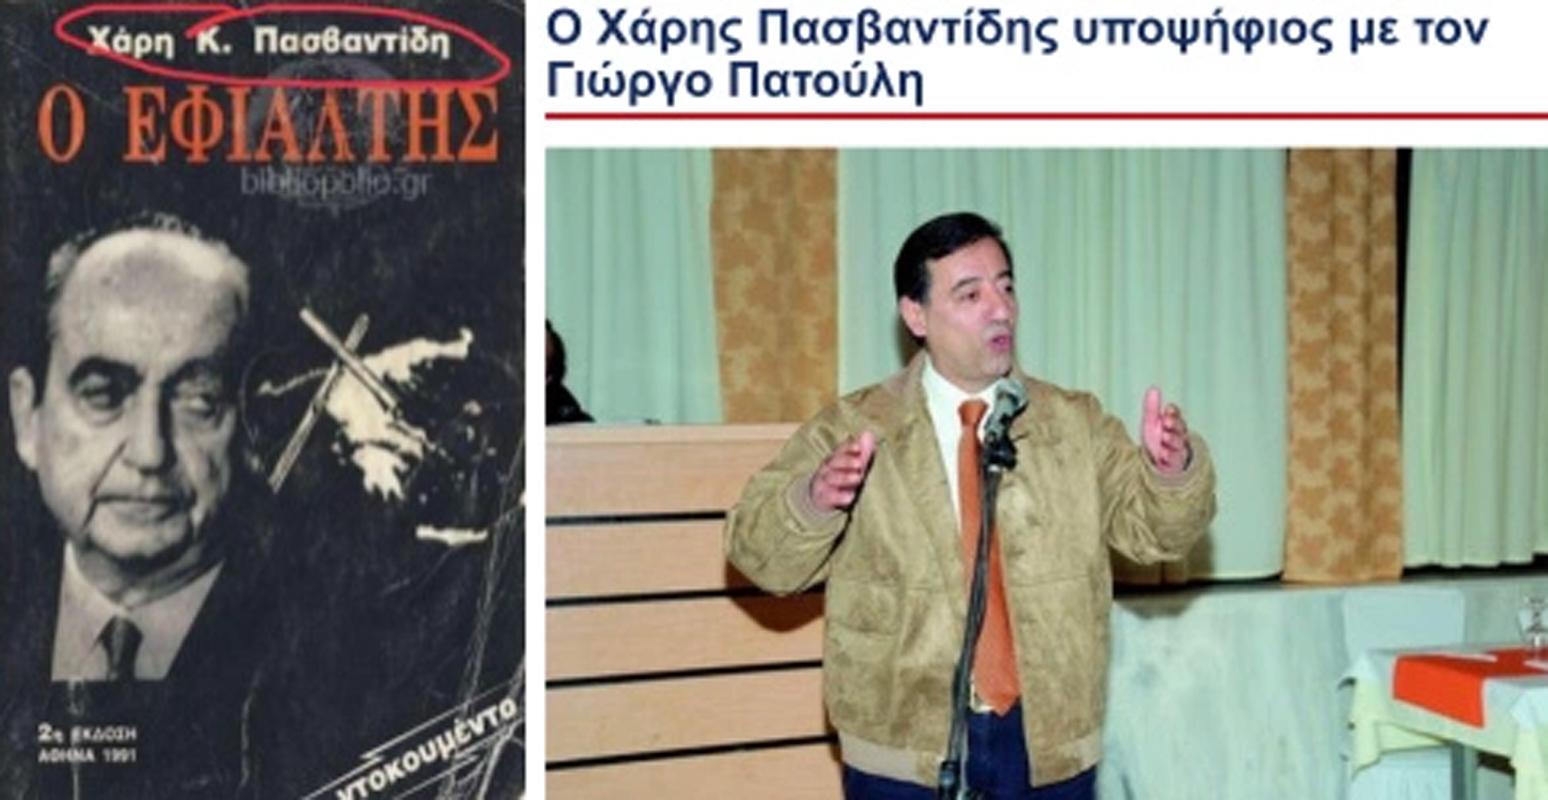 Αχ βρε καημένε Νεοδημοκράτη…Εσύ που έδωσες μάχες να σώσεις την Ελλάδα από το ΠΑΣΟΚ να ψηφίζεις τον Πασβαντίδη